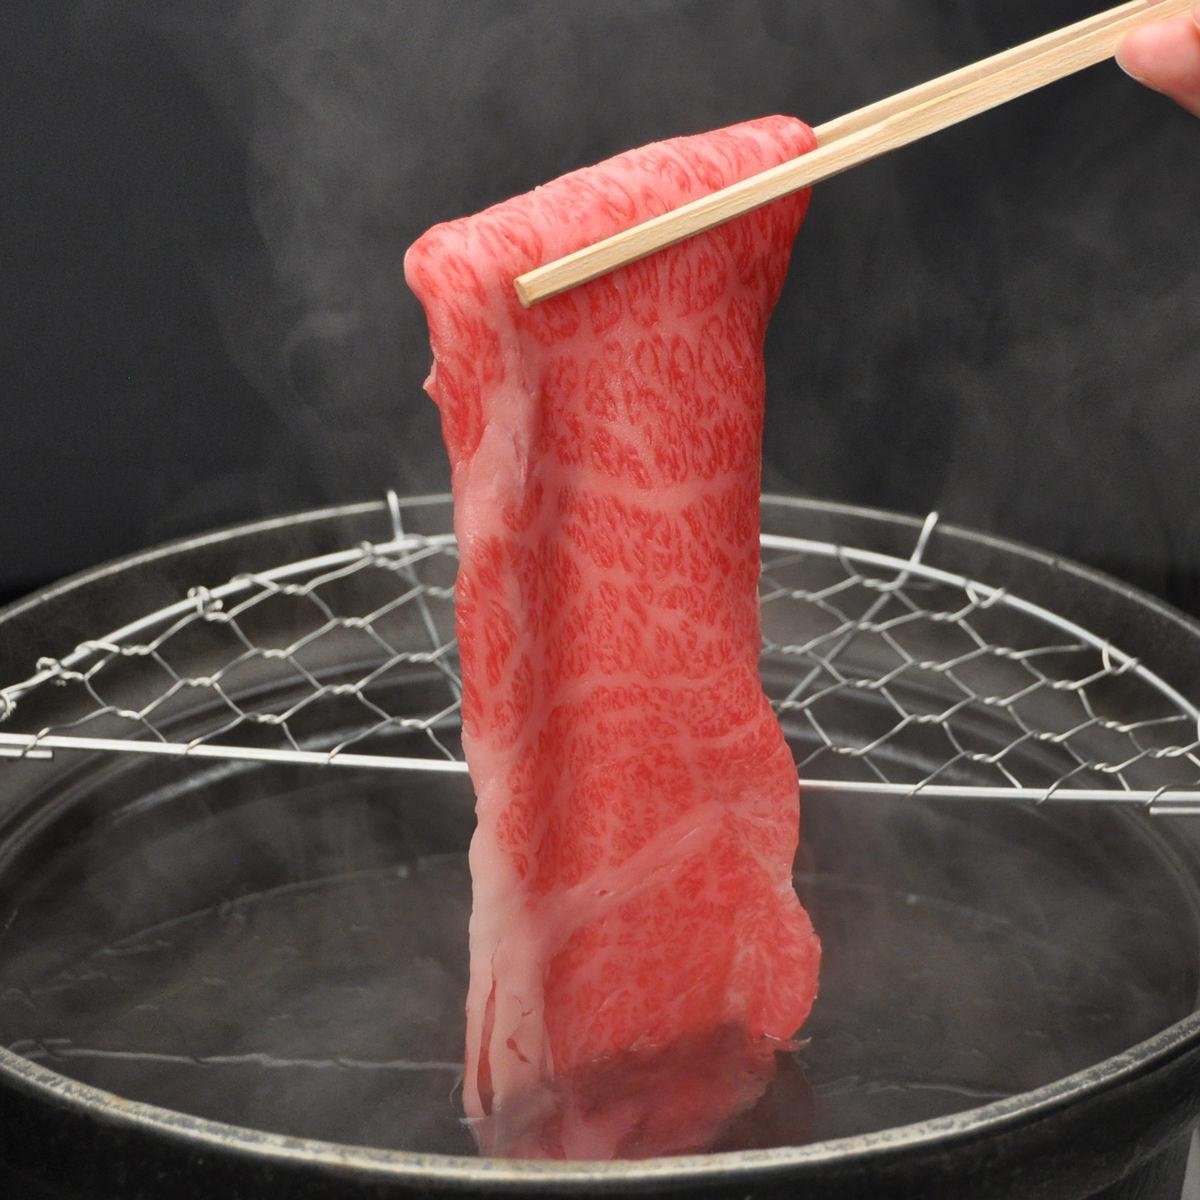 松坂まるよし お祝いやおもてなしにも喜ばれる美味しさ 松阪牛しゃぶしゃぶ 肩肉 モモ肉〔300g〕